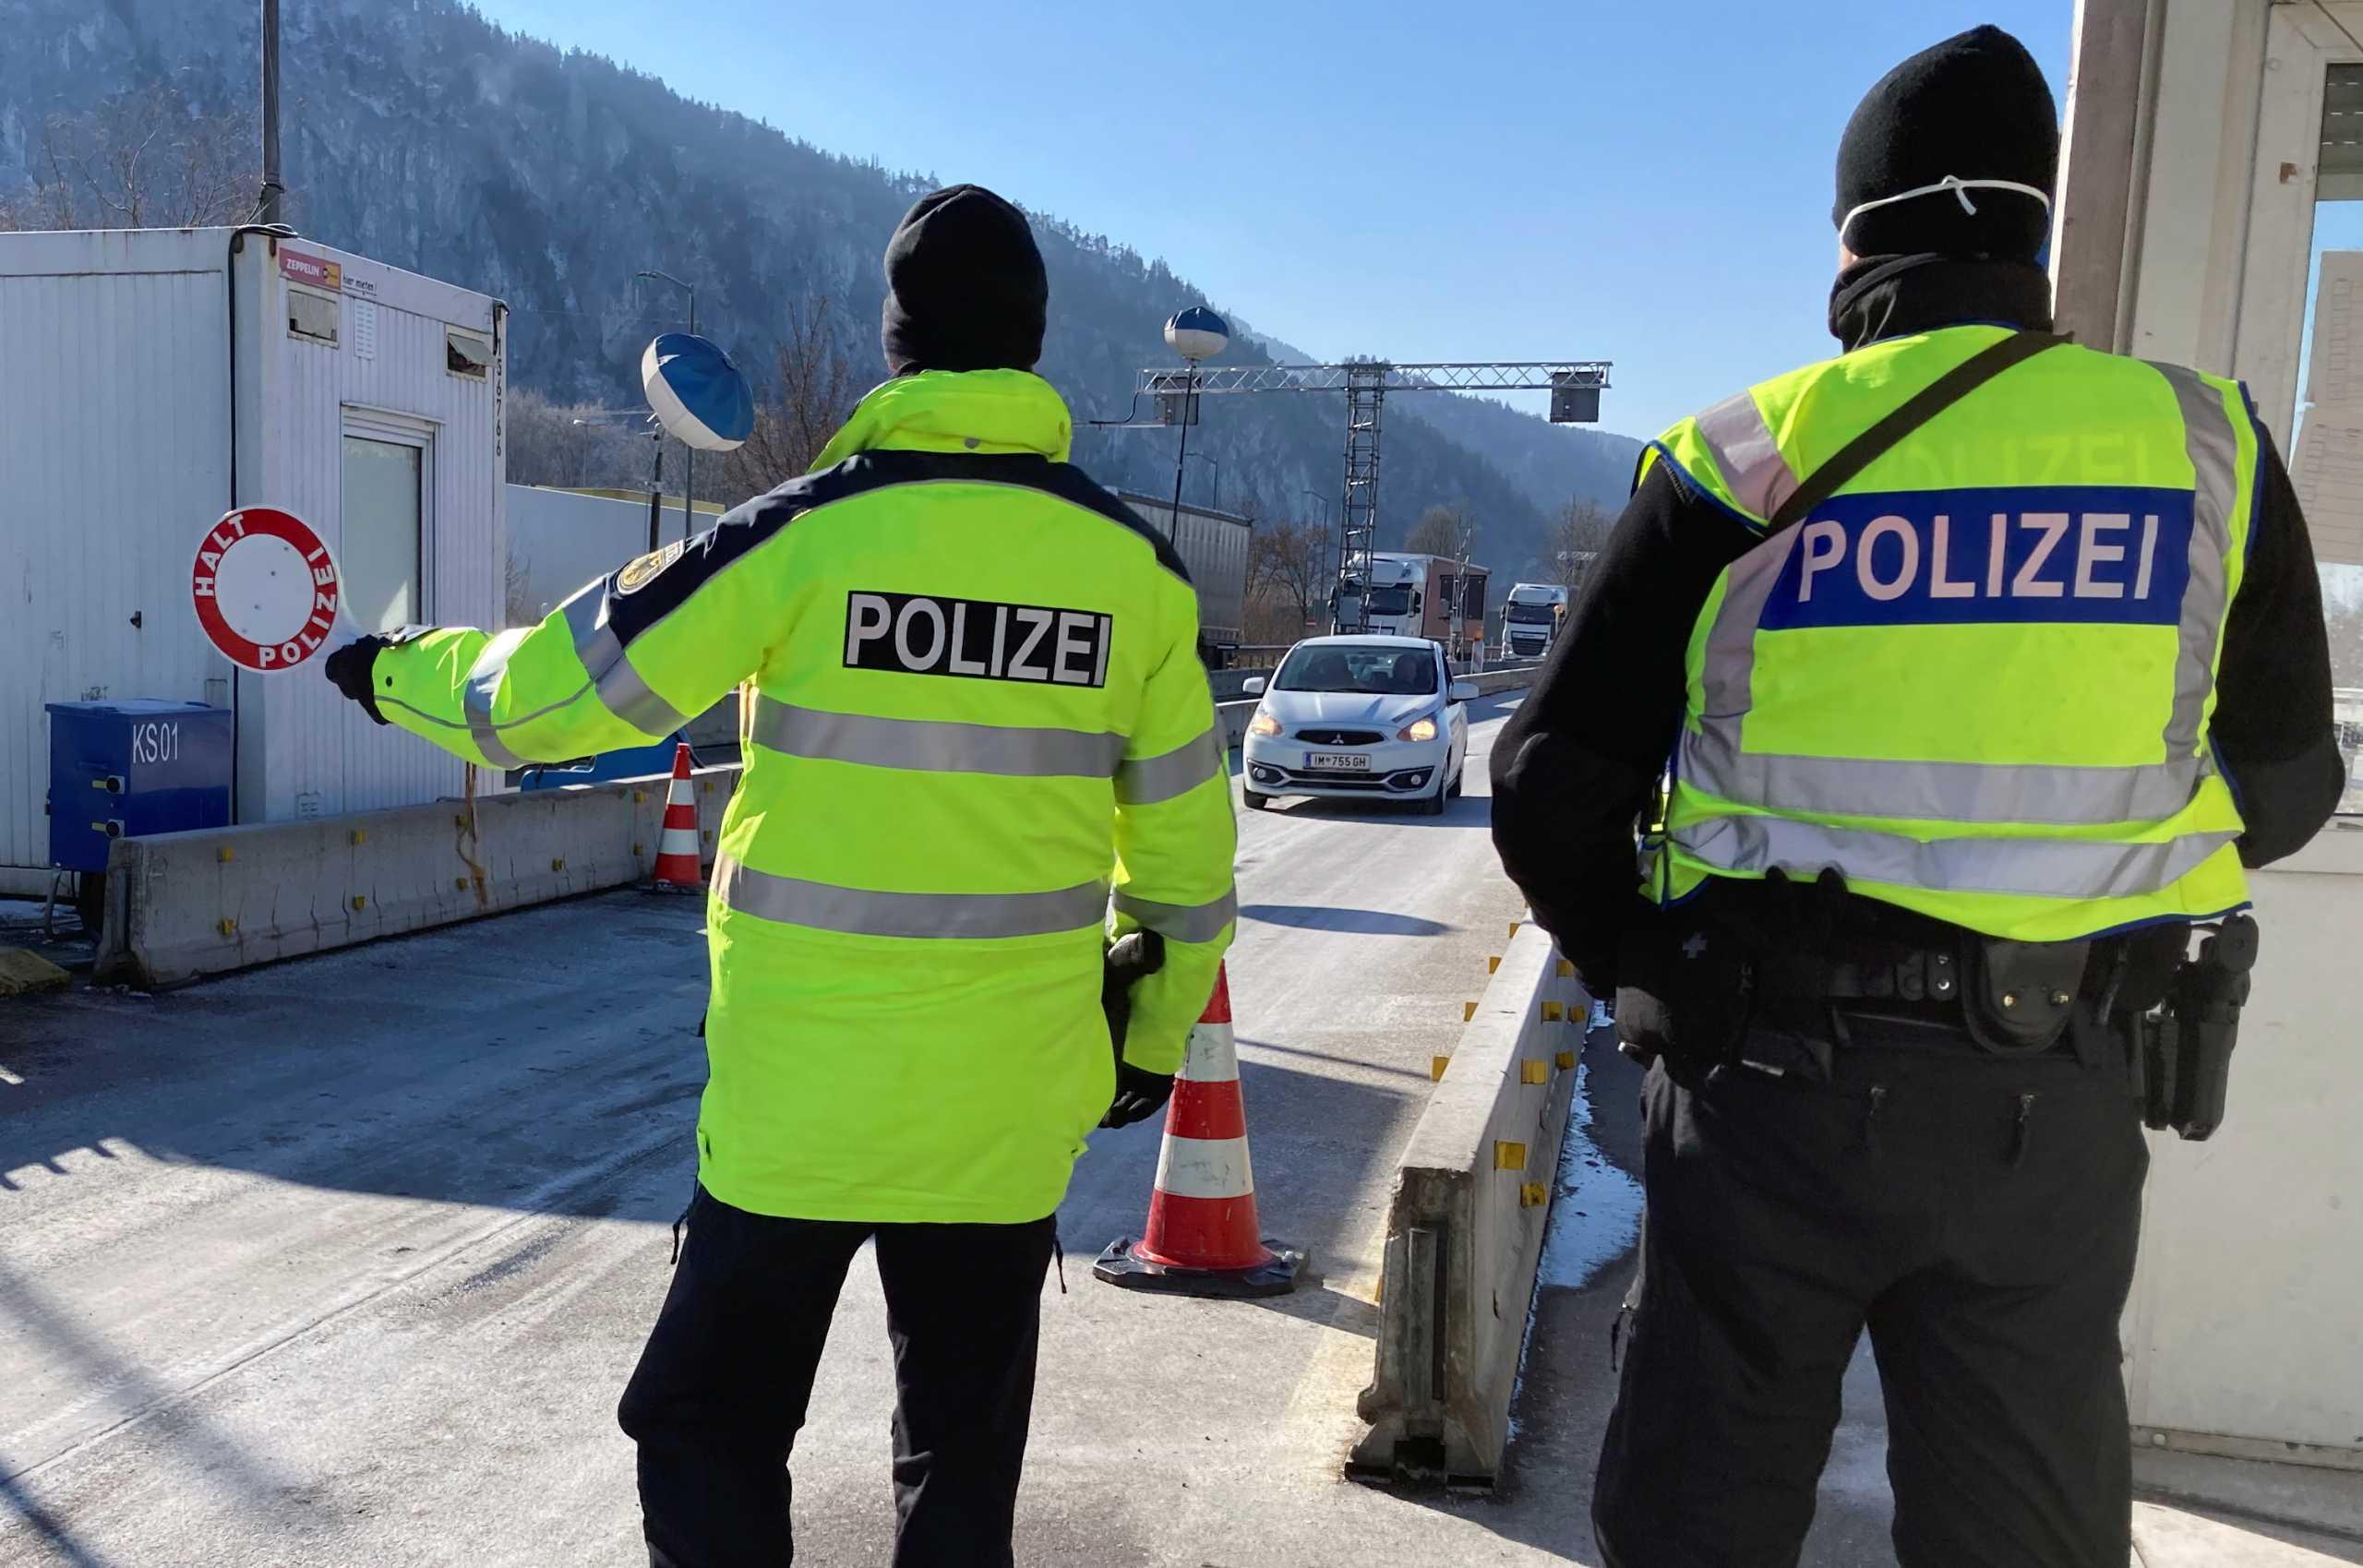 Αυστρία: Παράταση του lockdown μέχρι τις αρχές Απριλίου για εστίαση, ξενοδοχεία και πολιτισμό